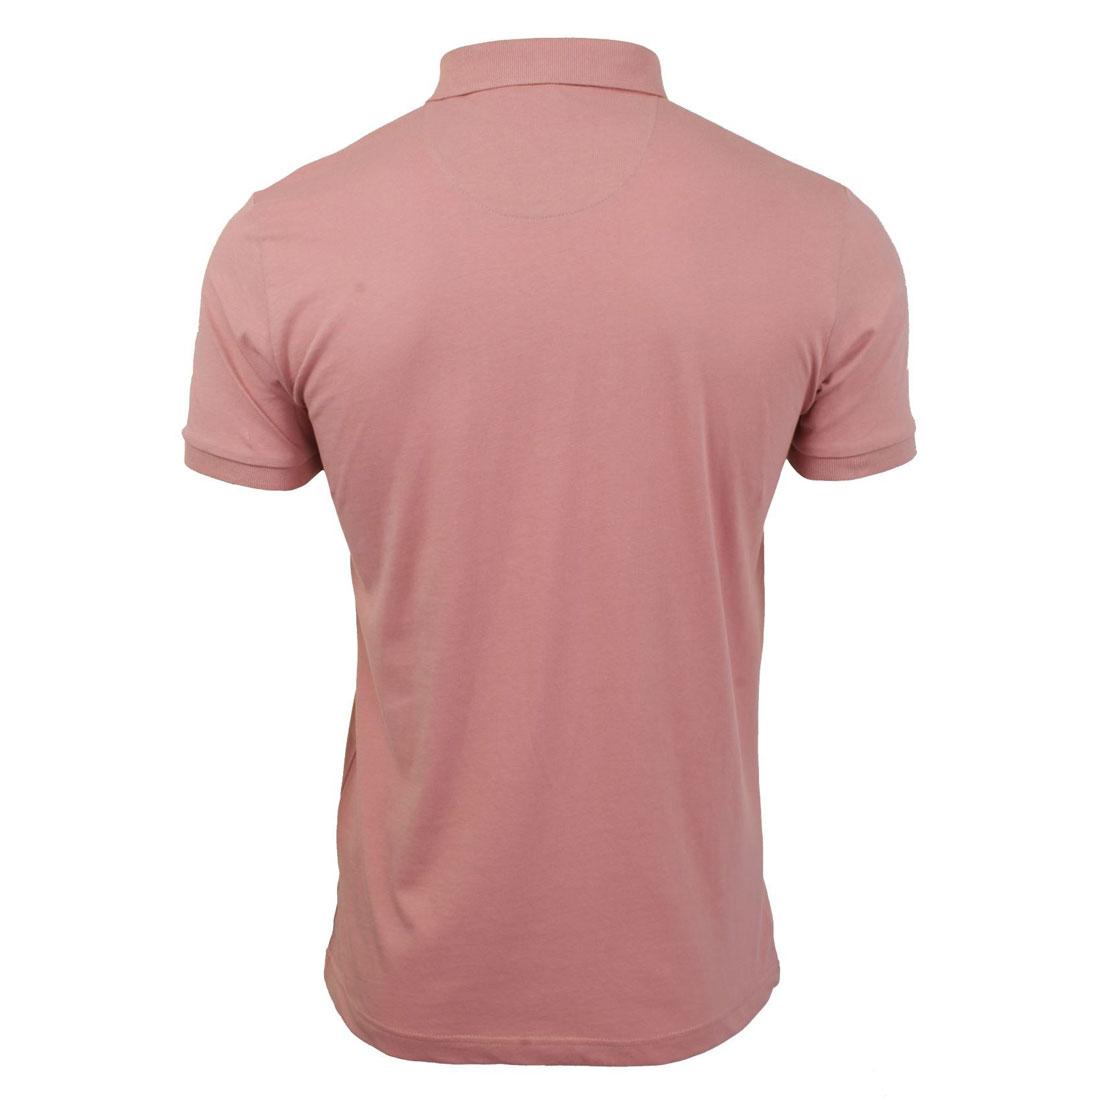 Brave-Soul-Hommes-Polo-T-Shirt-034-Julius-039-S-Coton-A-Col-Manches-Courtes-Haut-Decontracte miniature 18